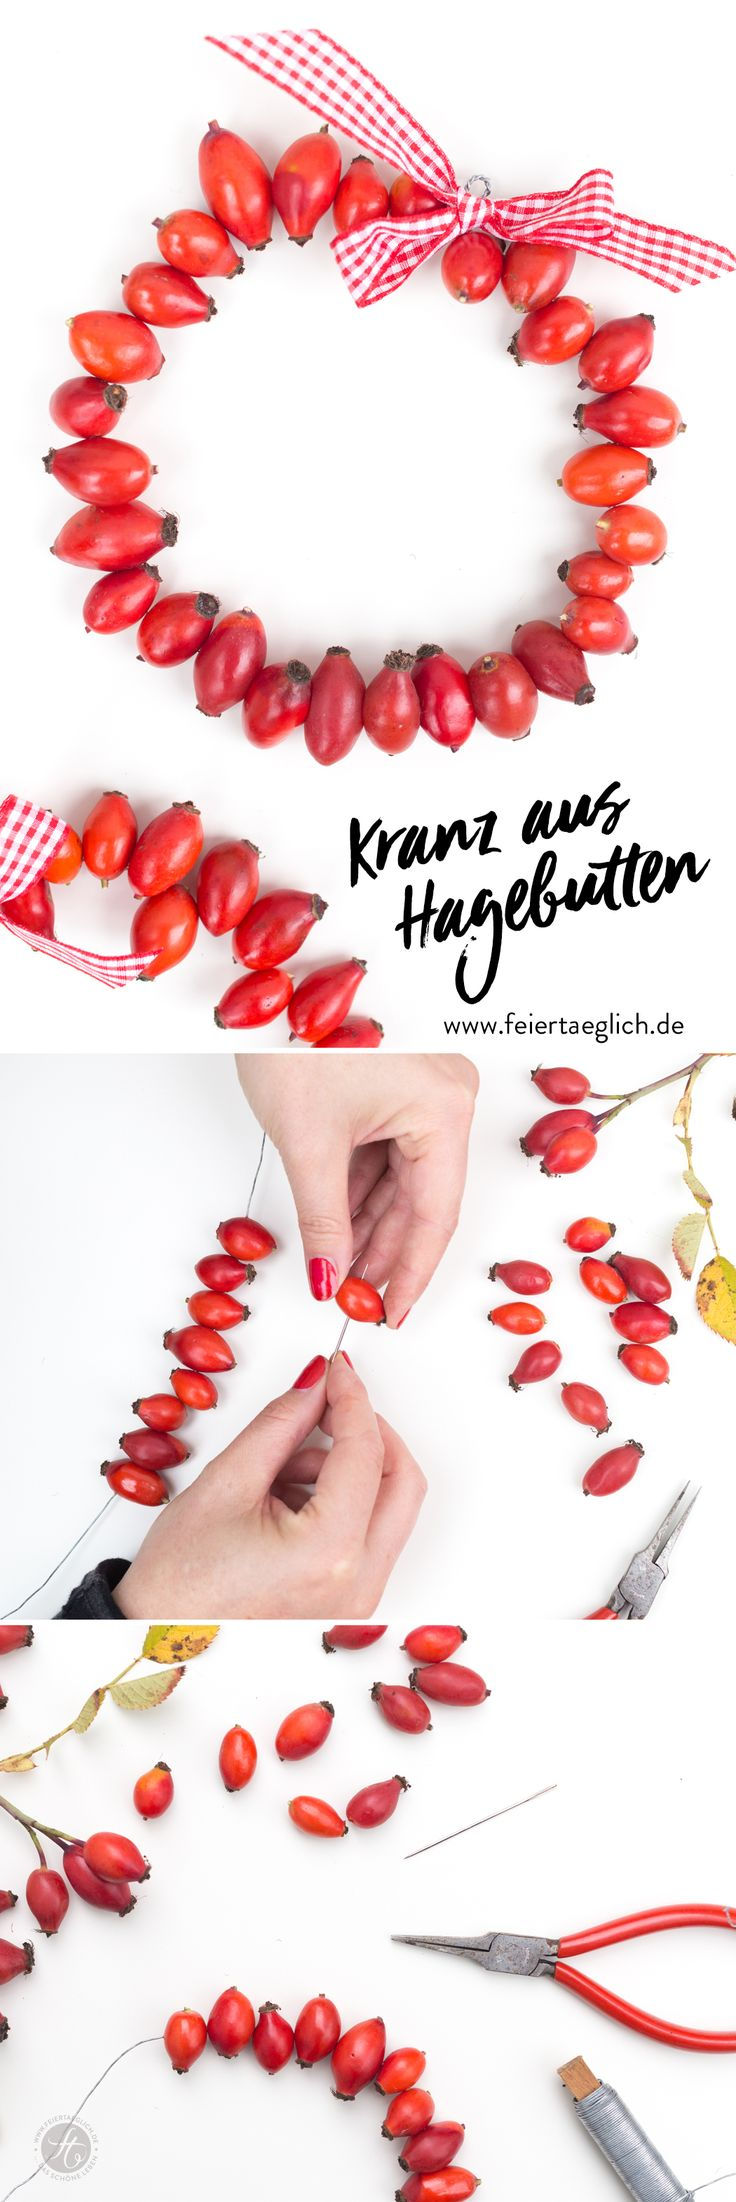 Kleine Kränze aus Hagebutten – hübsche Herbstdeko einfach selbst gemacht, DIY, Herbst, Deko